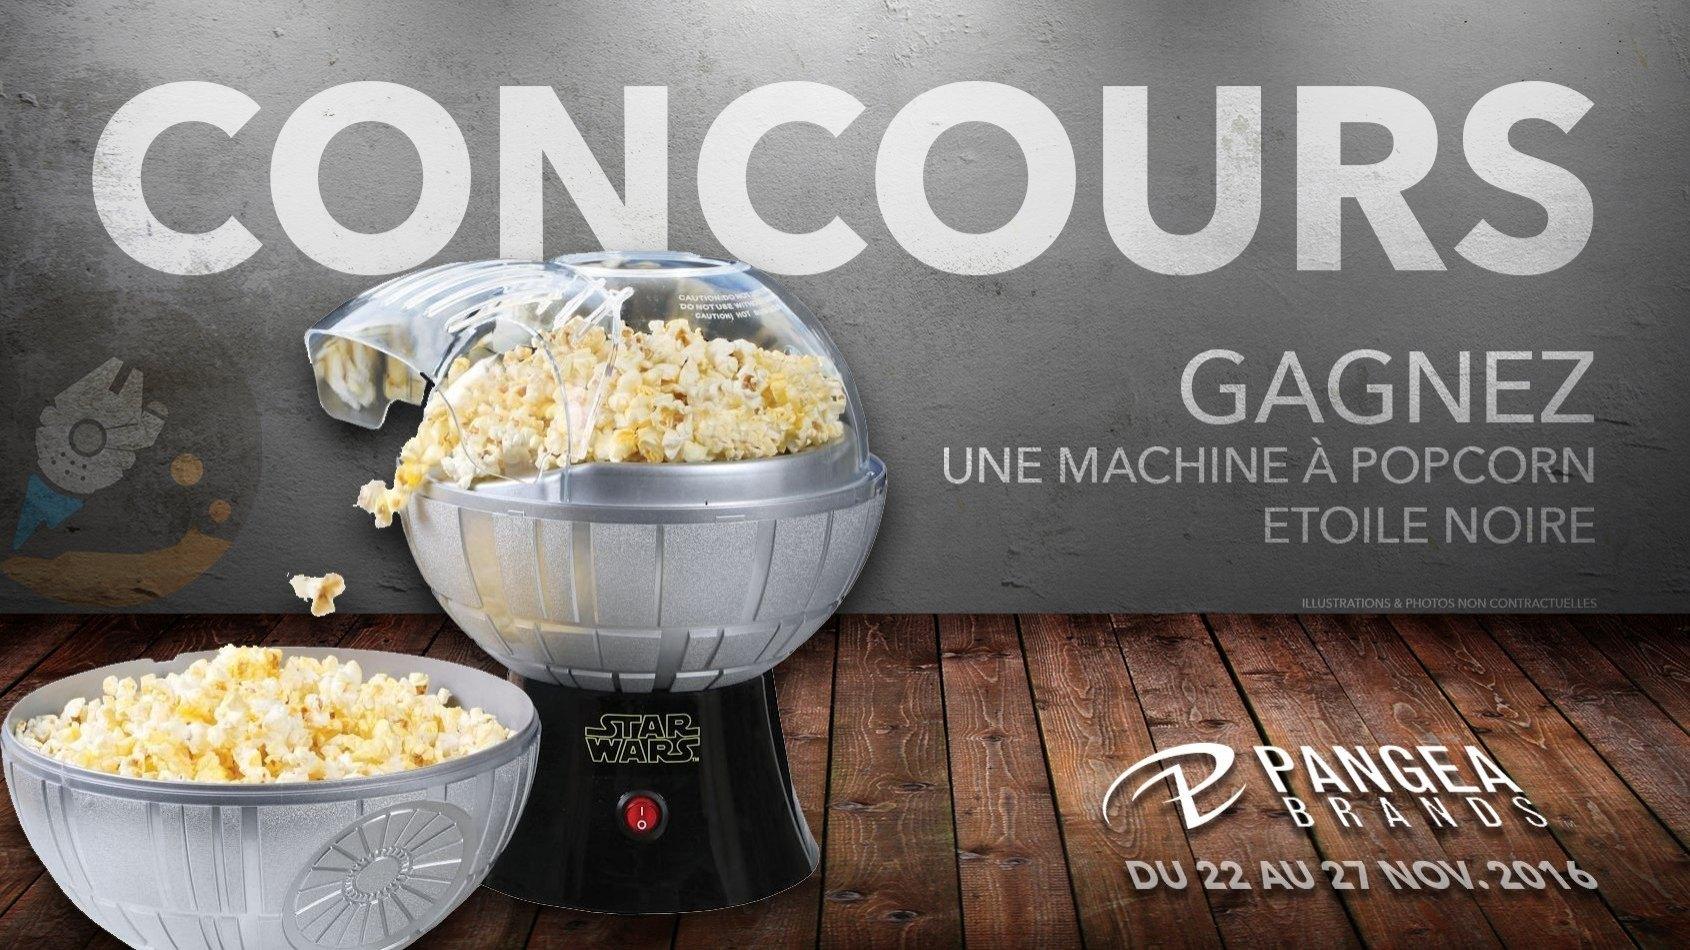 CONCOURS : Gagnez une machine à pop corn Etoile Noire !